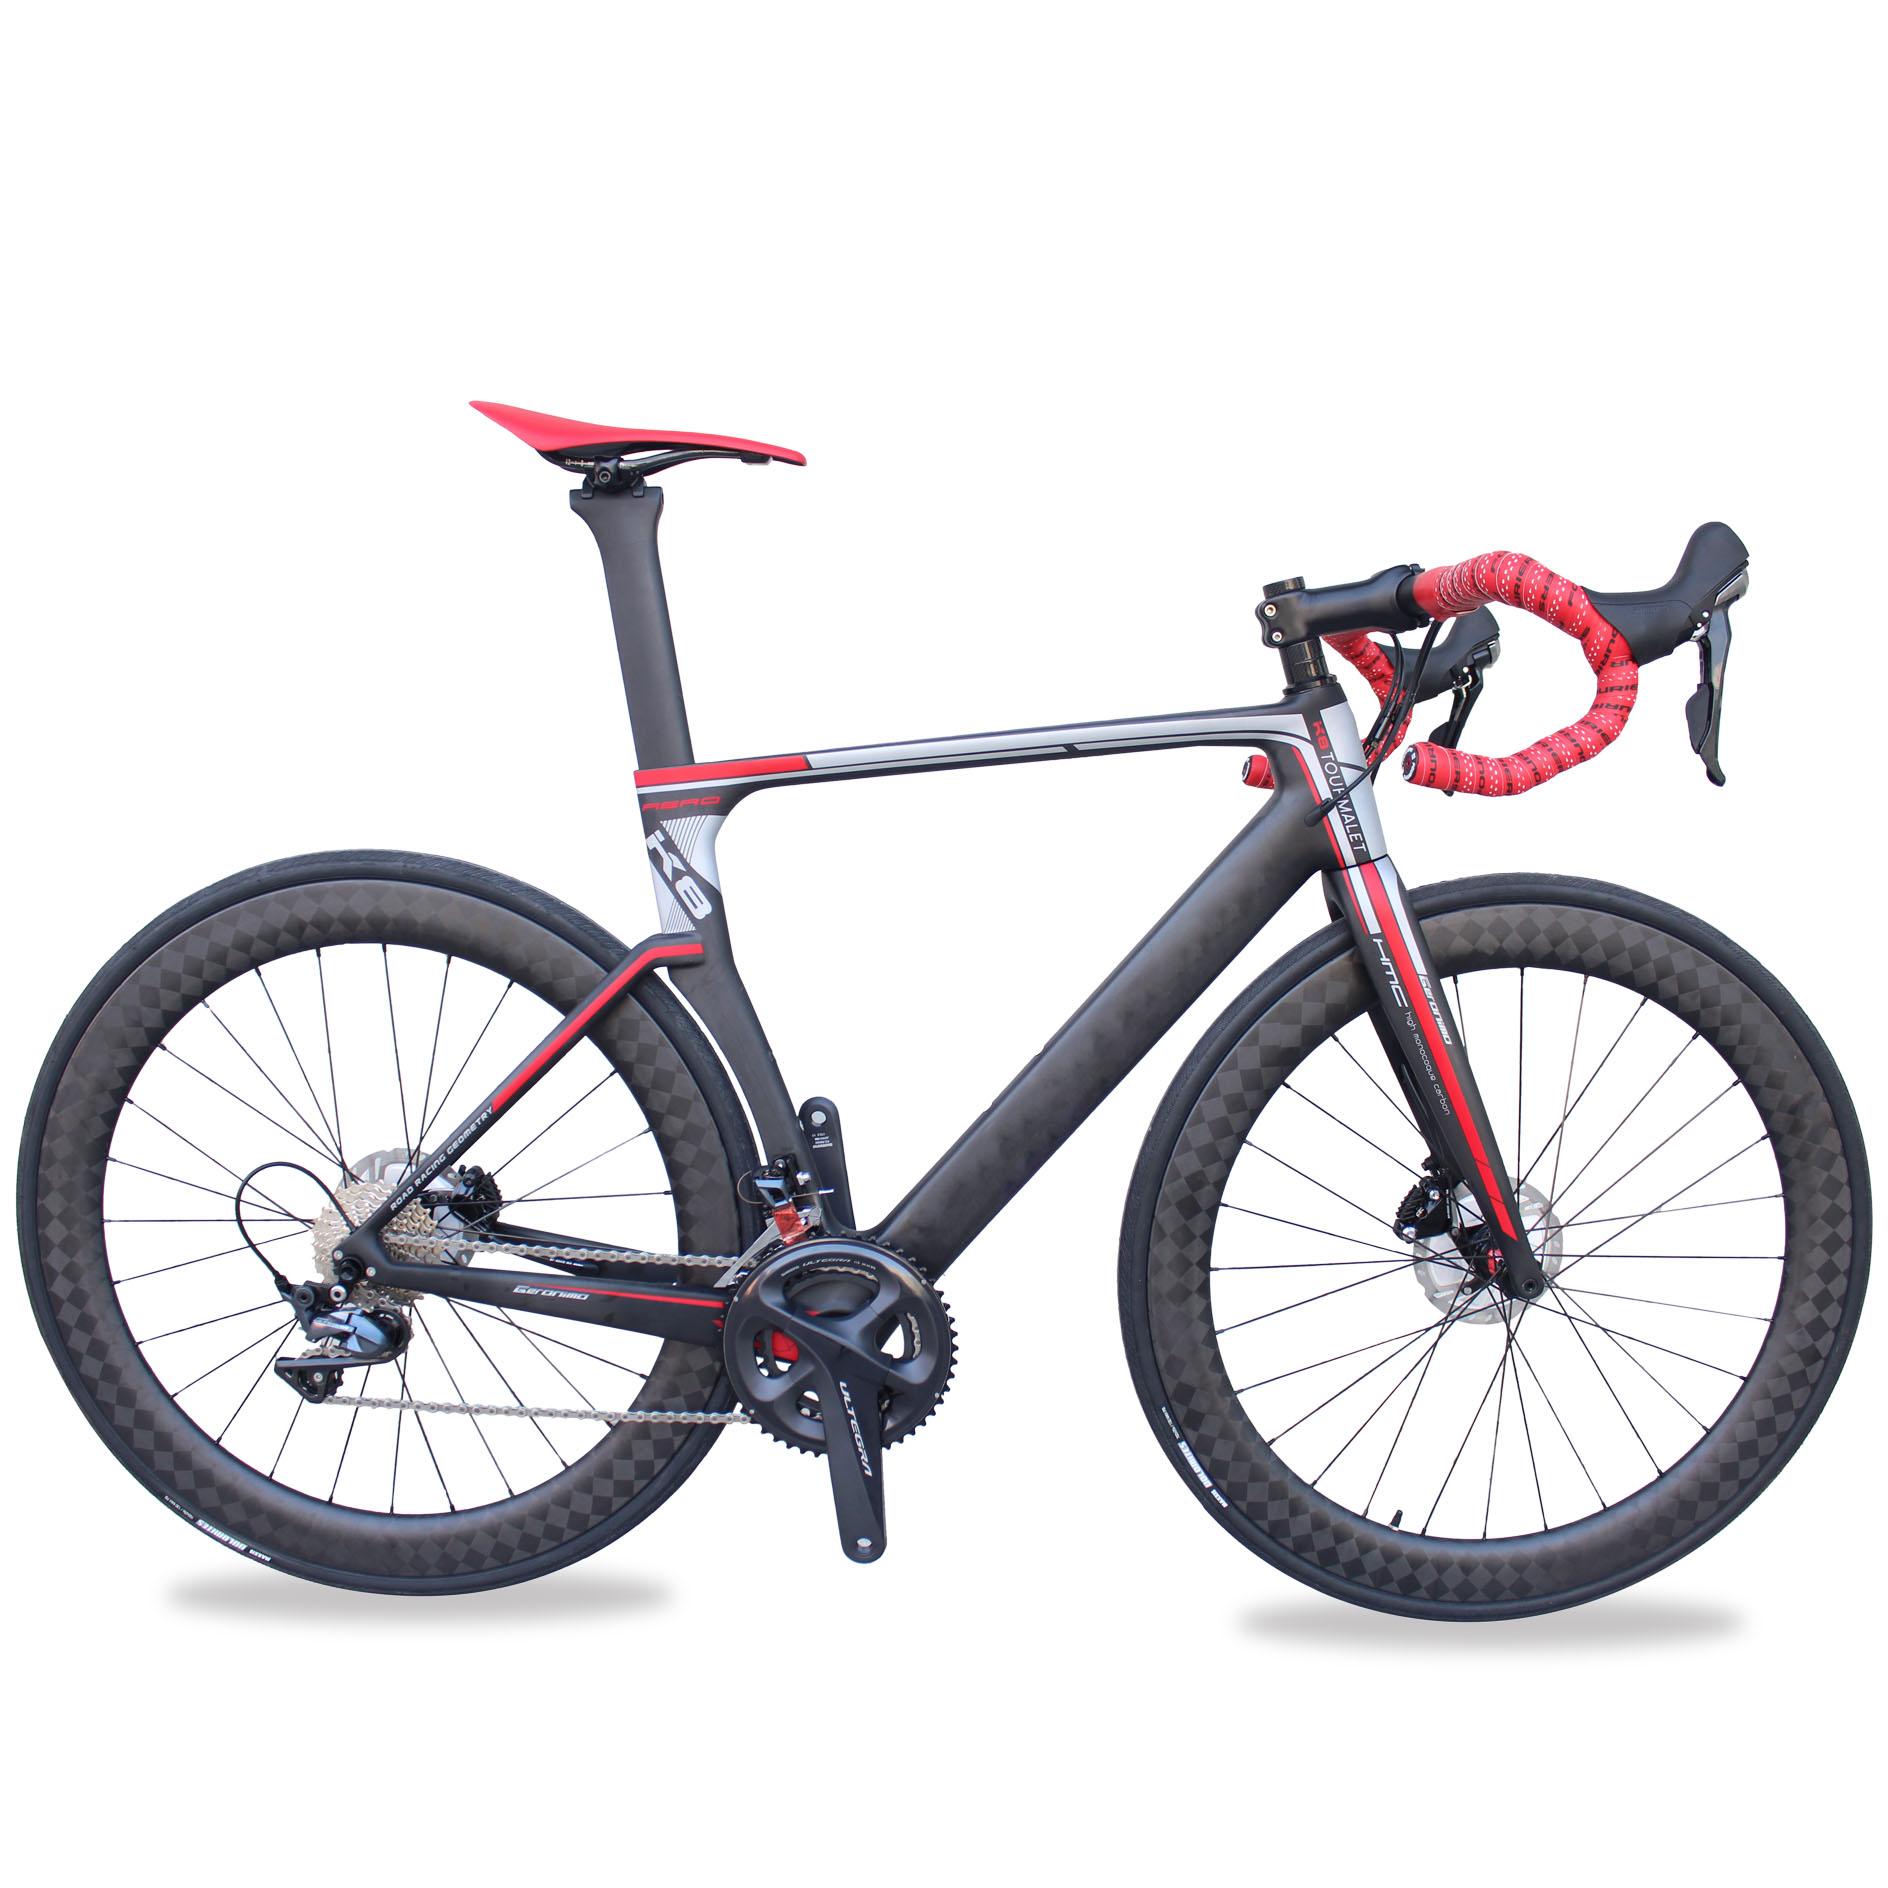 Disk Road Bike,T700 Full carbon fiber Road Bike,Chinese hot sell 160mm Disc Road Bike